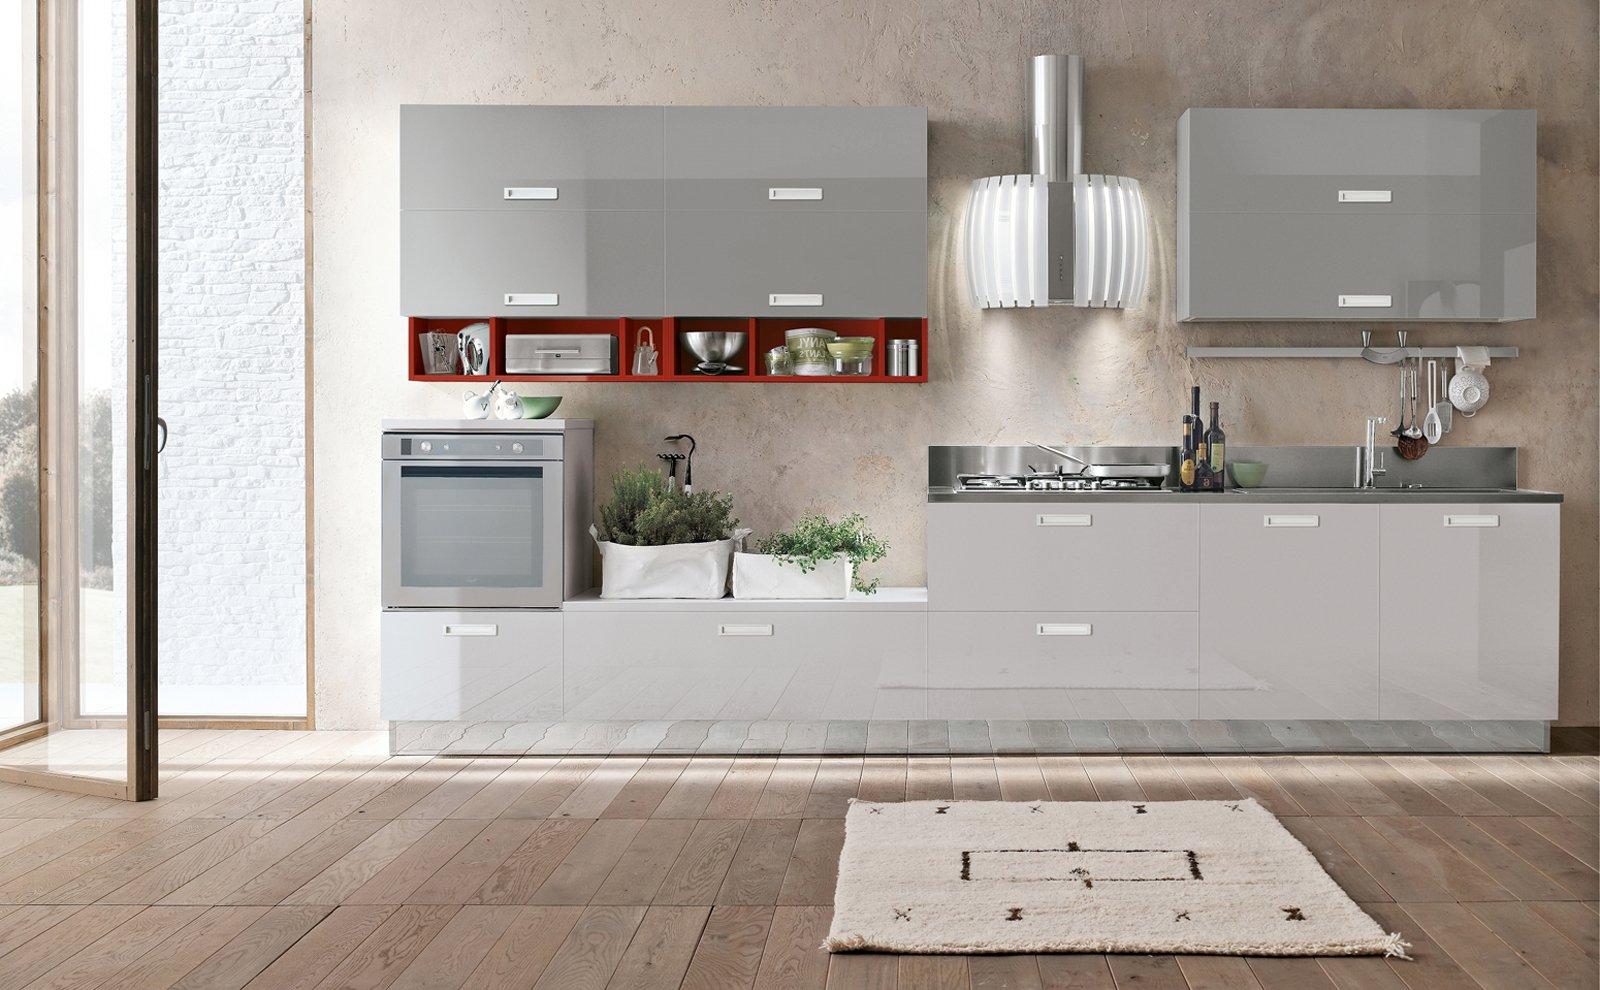 Cucine secondo progetto pi preventivo cose di casa for Disegni di casa italiana moderna